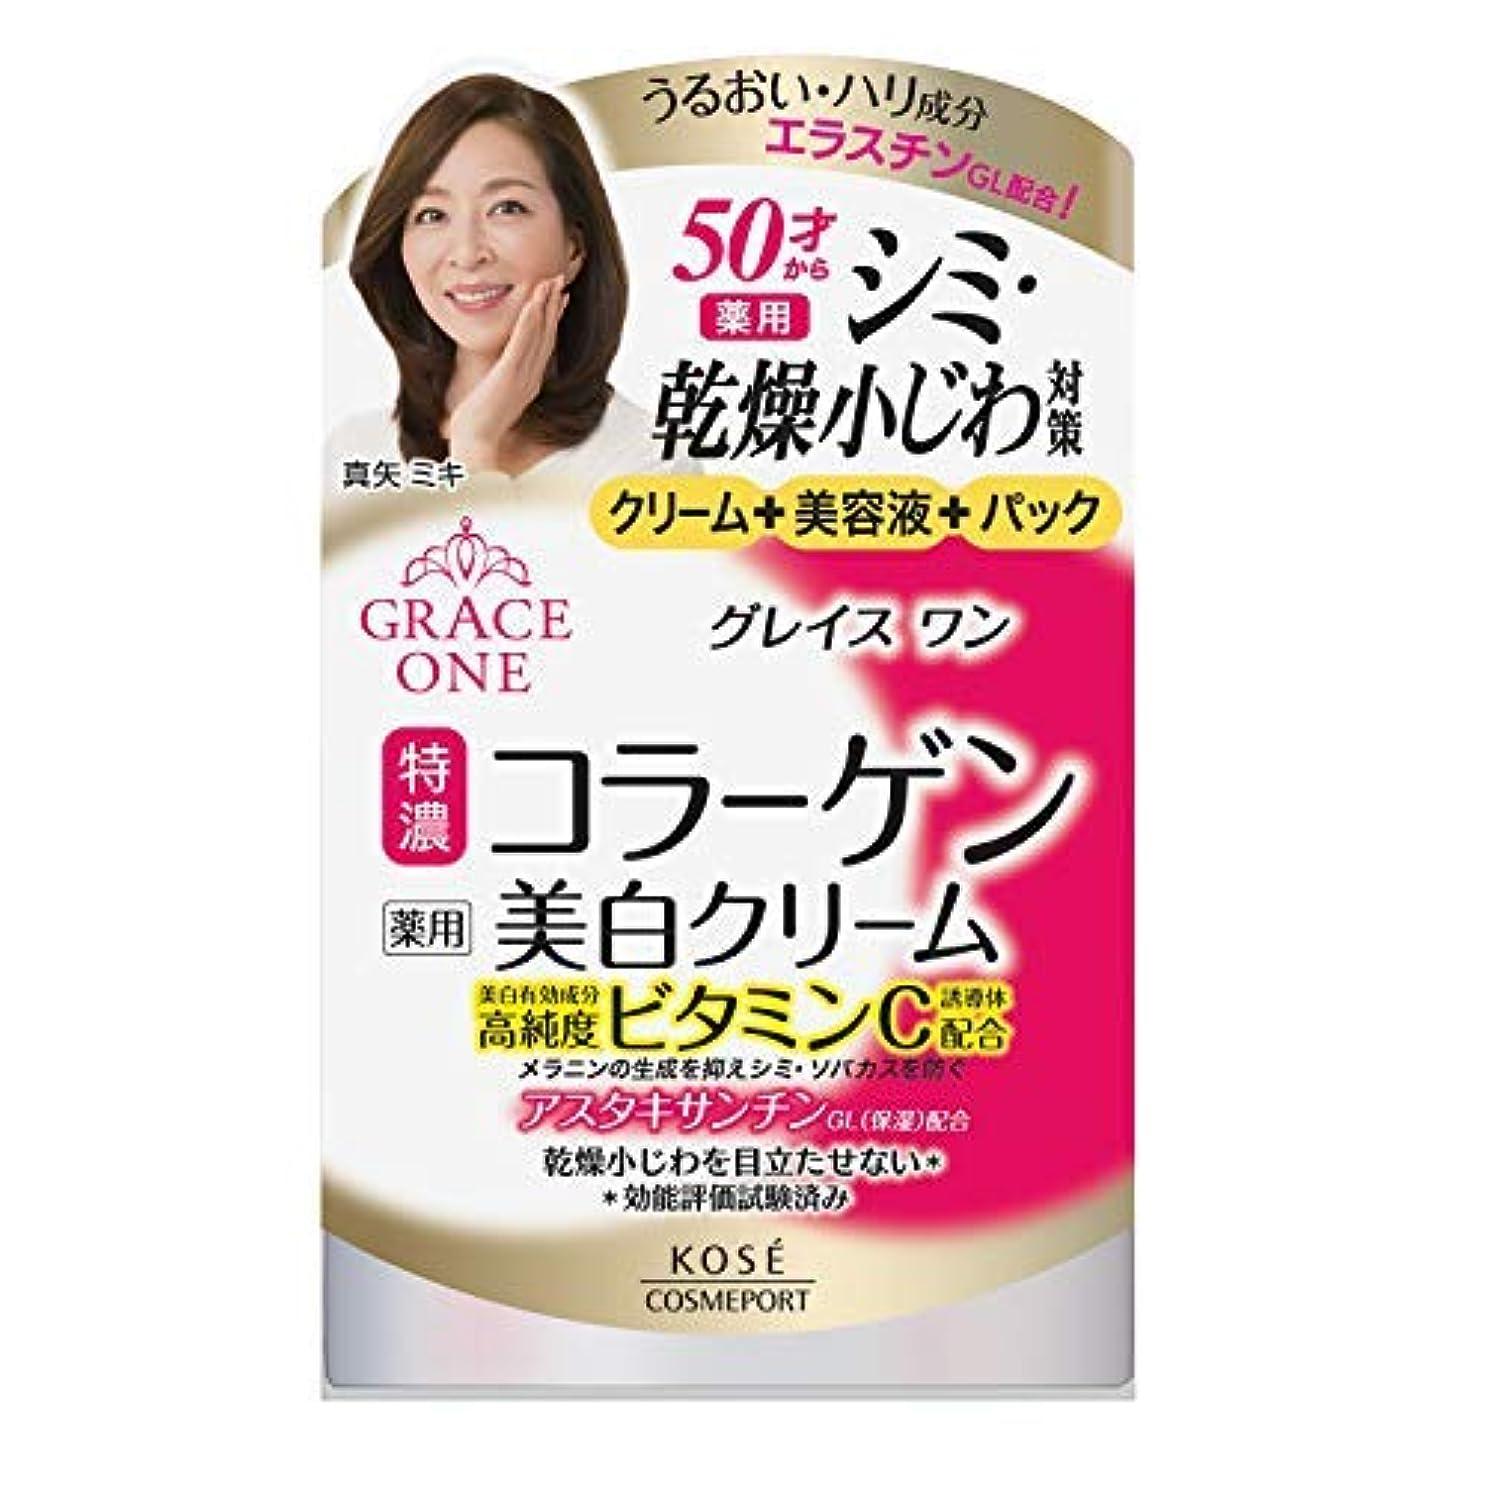 水素科学的性差別(医薬部外品) KOSE コーセー グレイスワン 薬用美白 ホワイトニング クリーム 100g